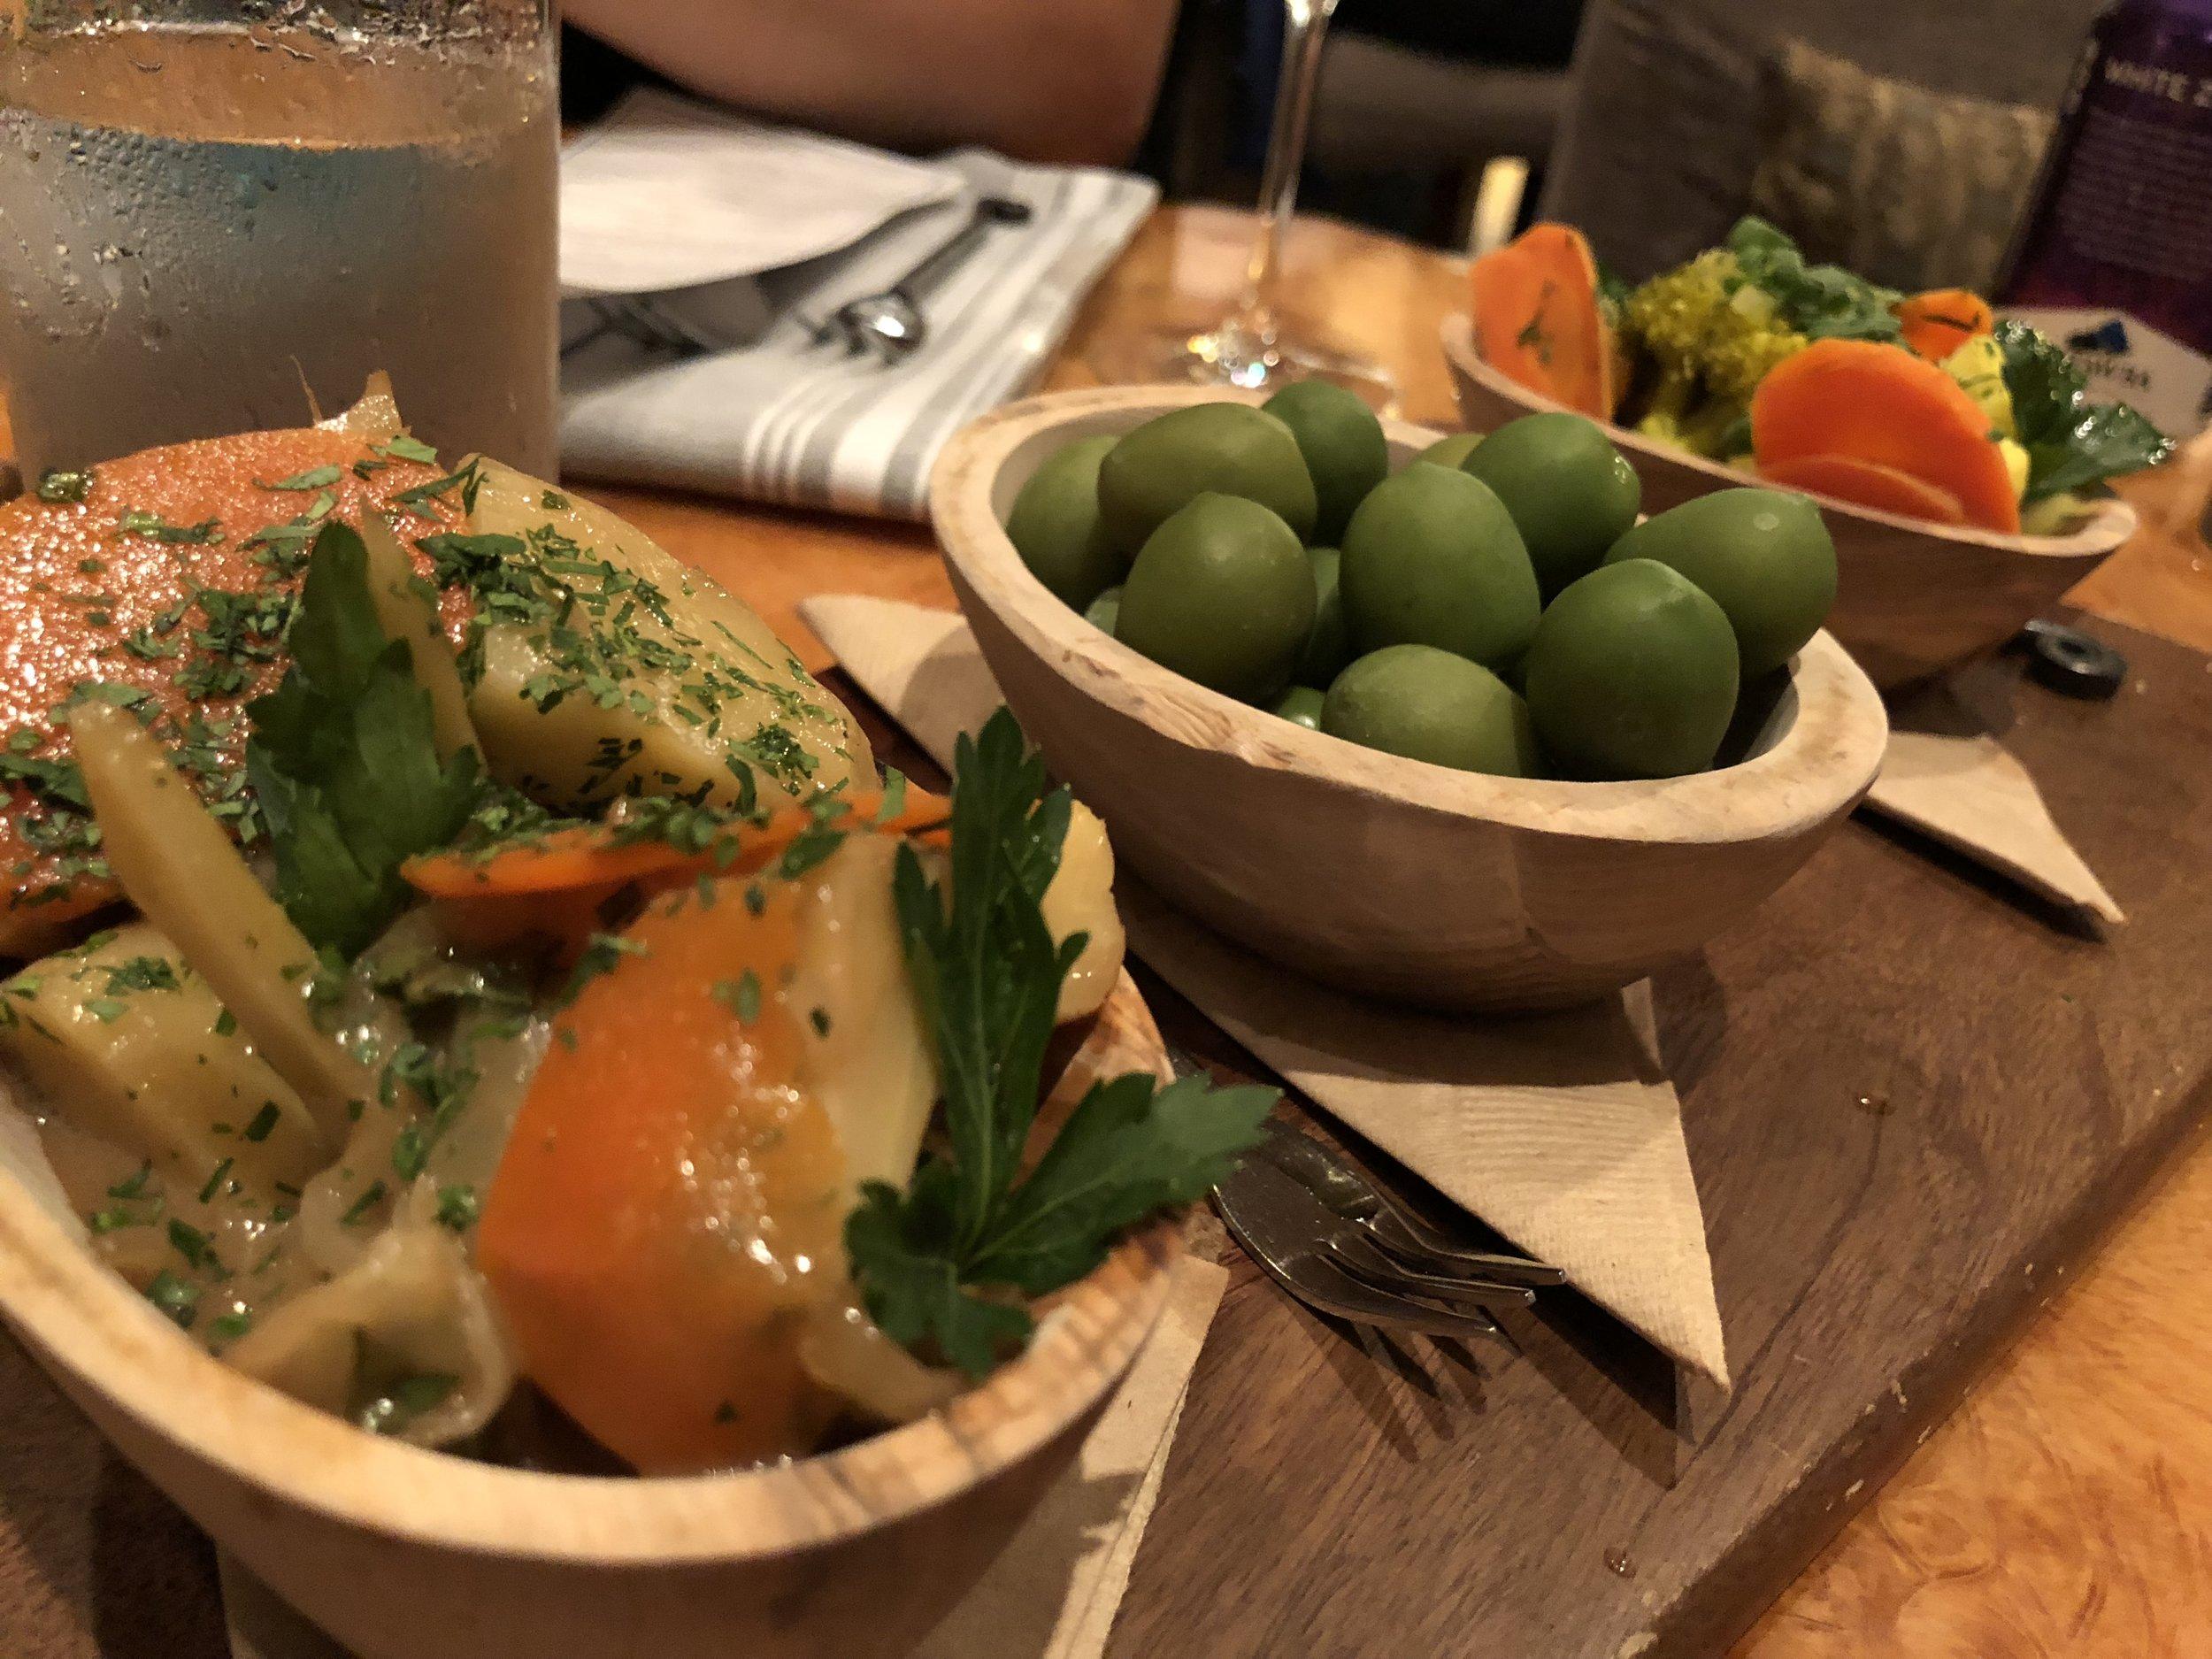 Jardiniere Vegetables, Castelvetrano olives, artichokes barigoule -